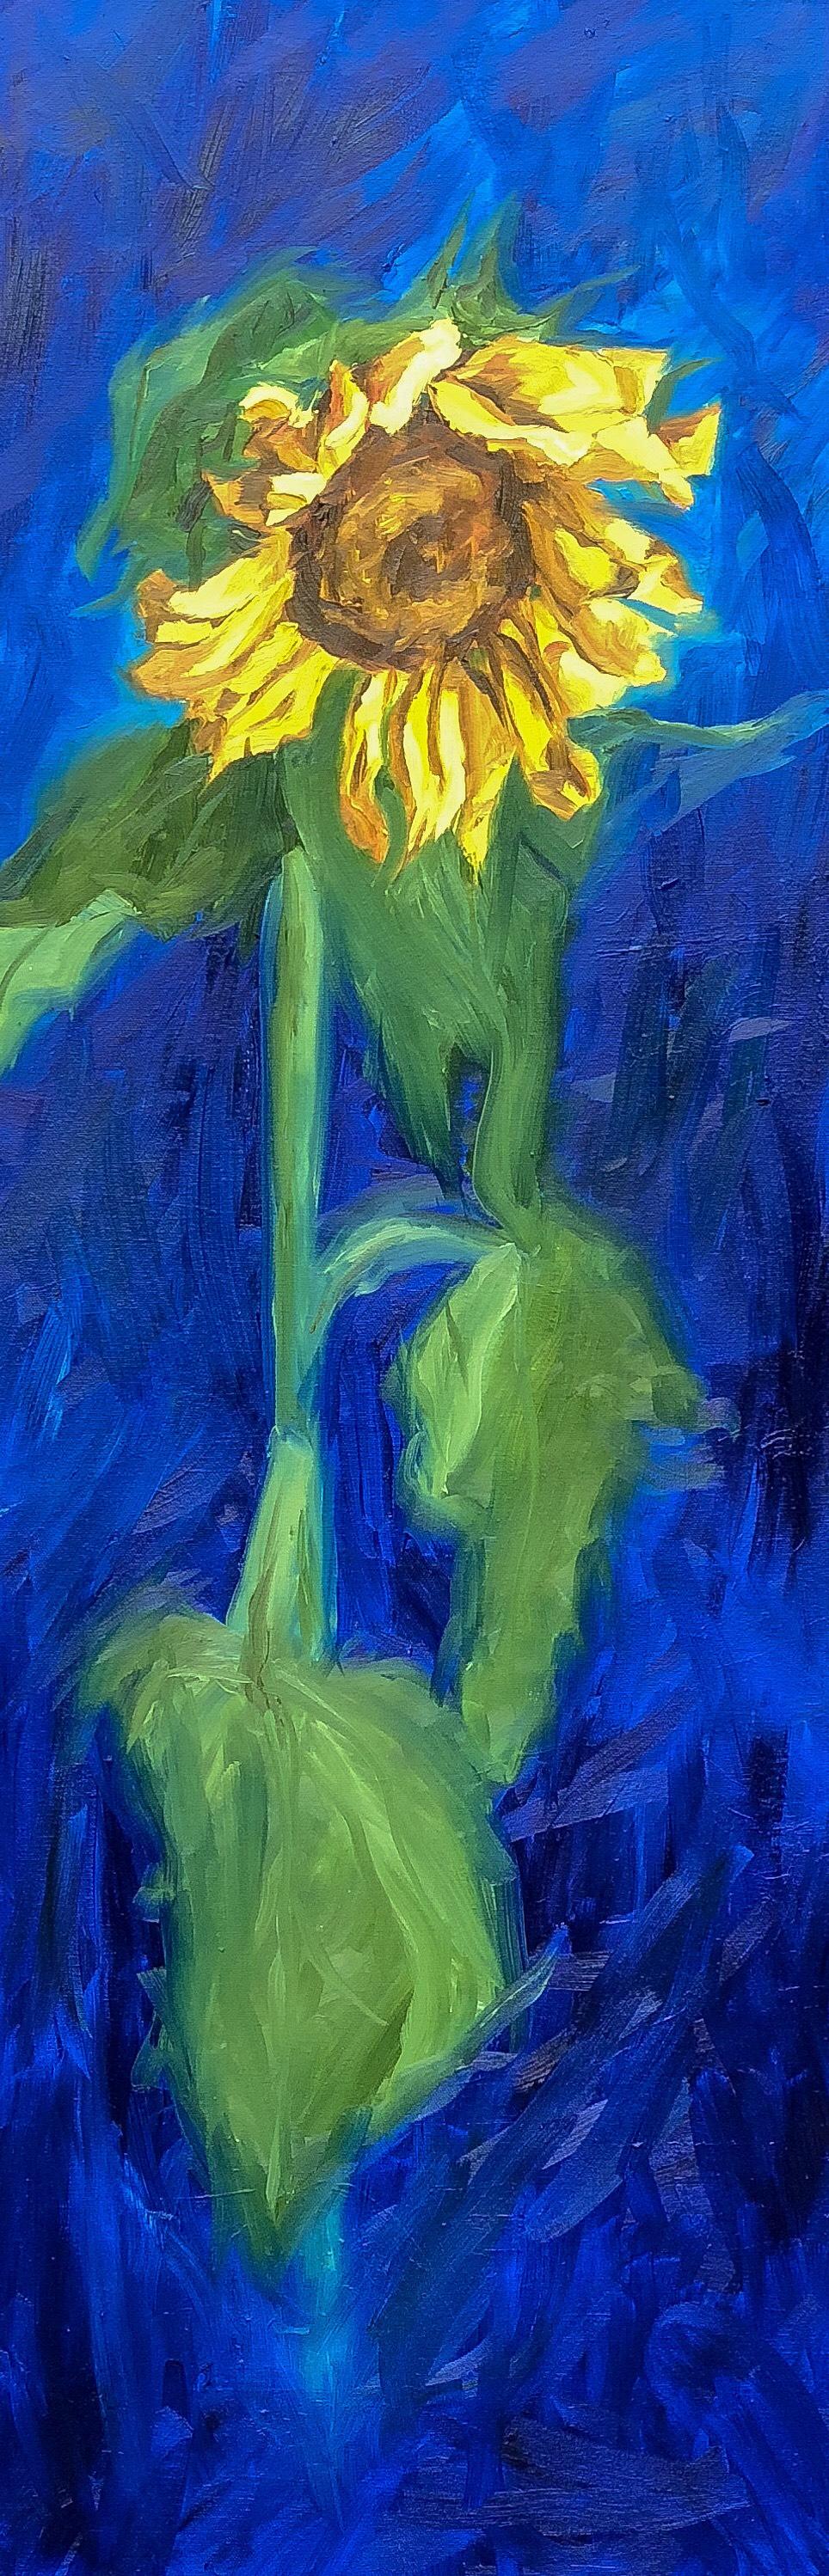 Sunday II - 12 X 36 Oil on Canvas